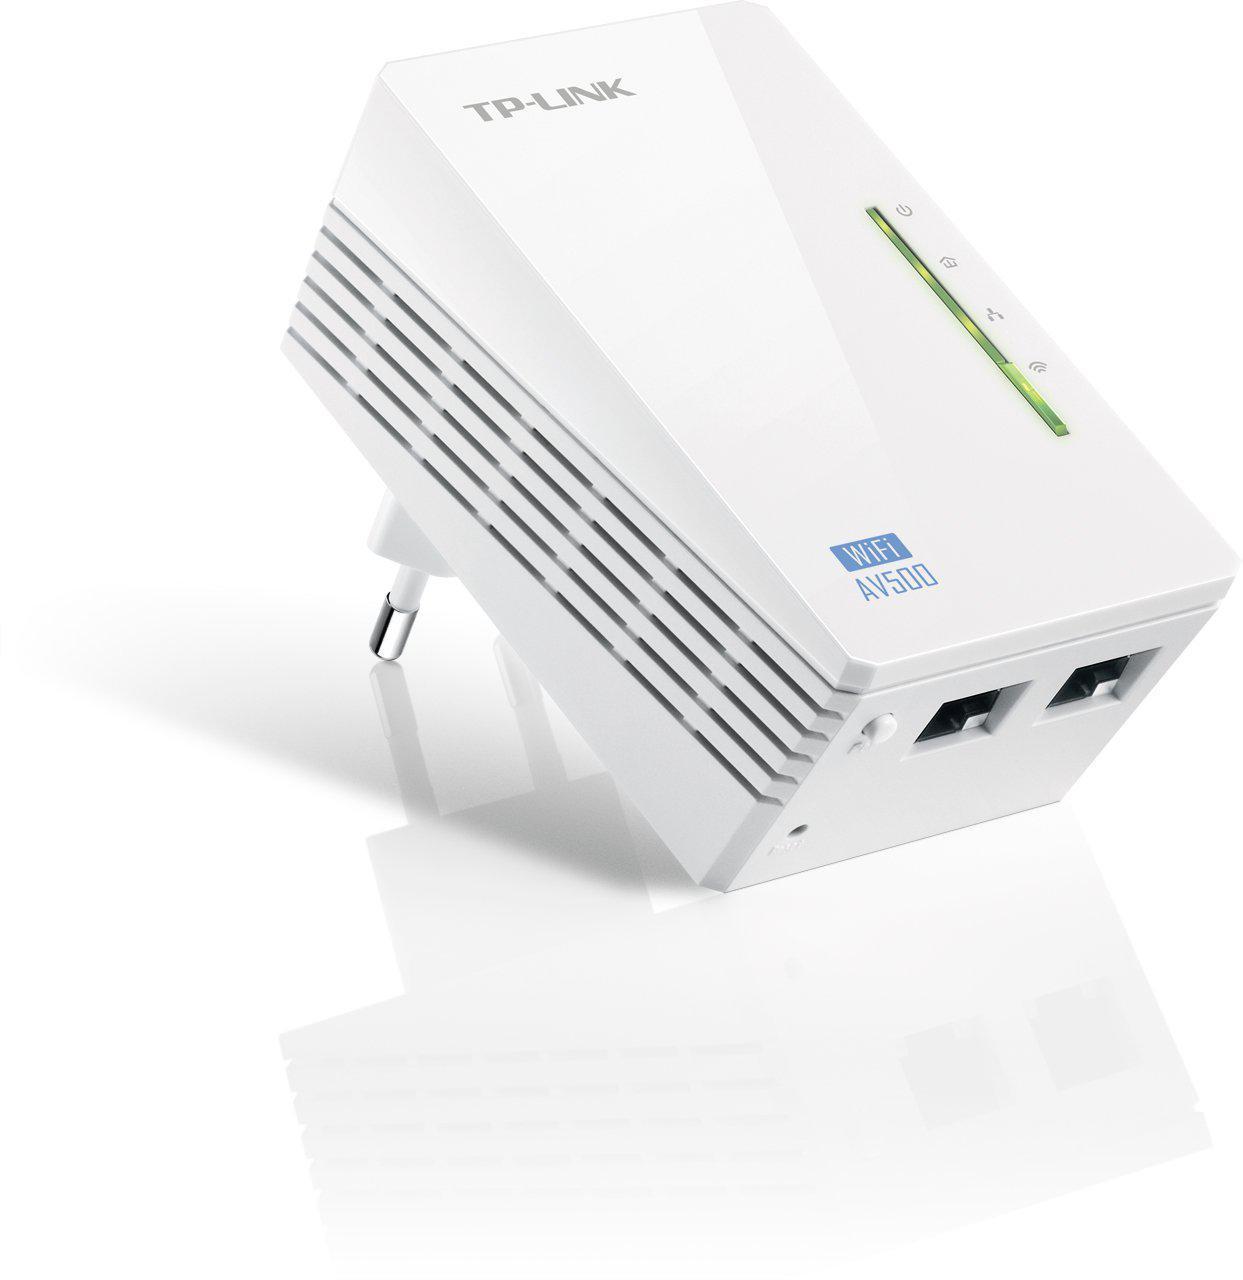 Un adaptateur CPL WiFi TP-link TL-WPA4220 offert pour l'achat d'un kit CPL TP-Link 1200 Mbps